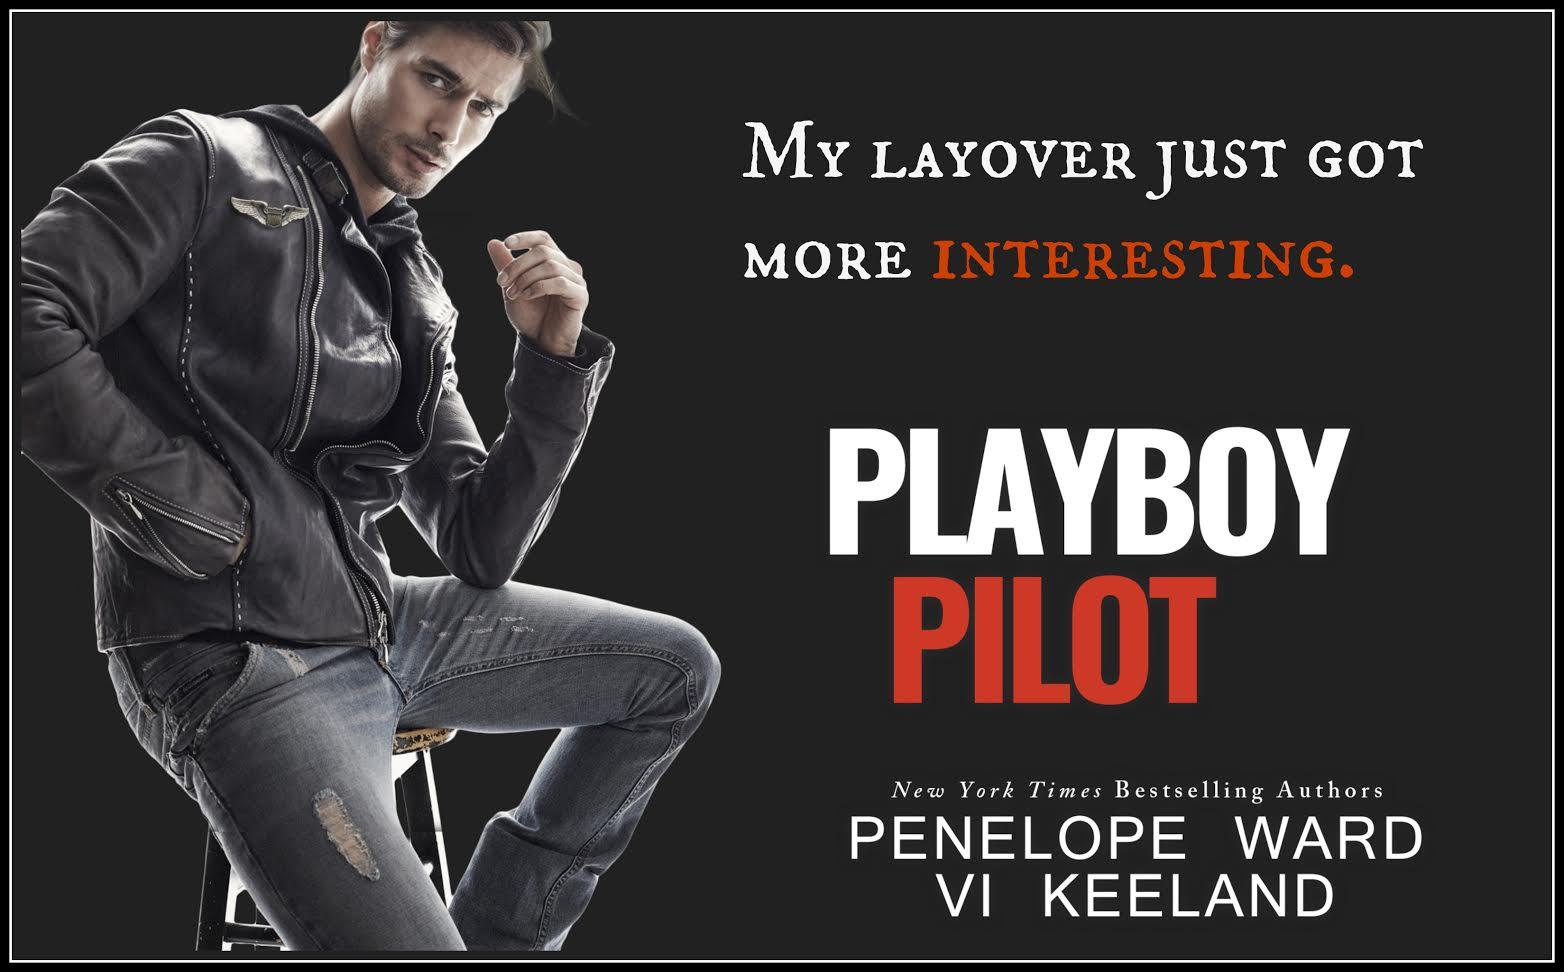 playboy pilot teeaser for release.jpg